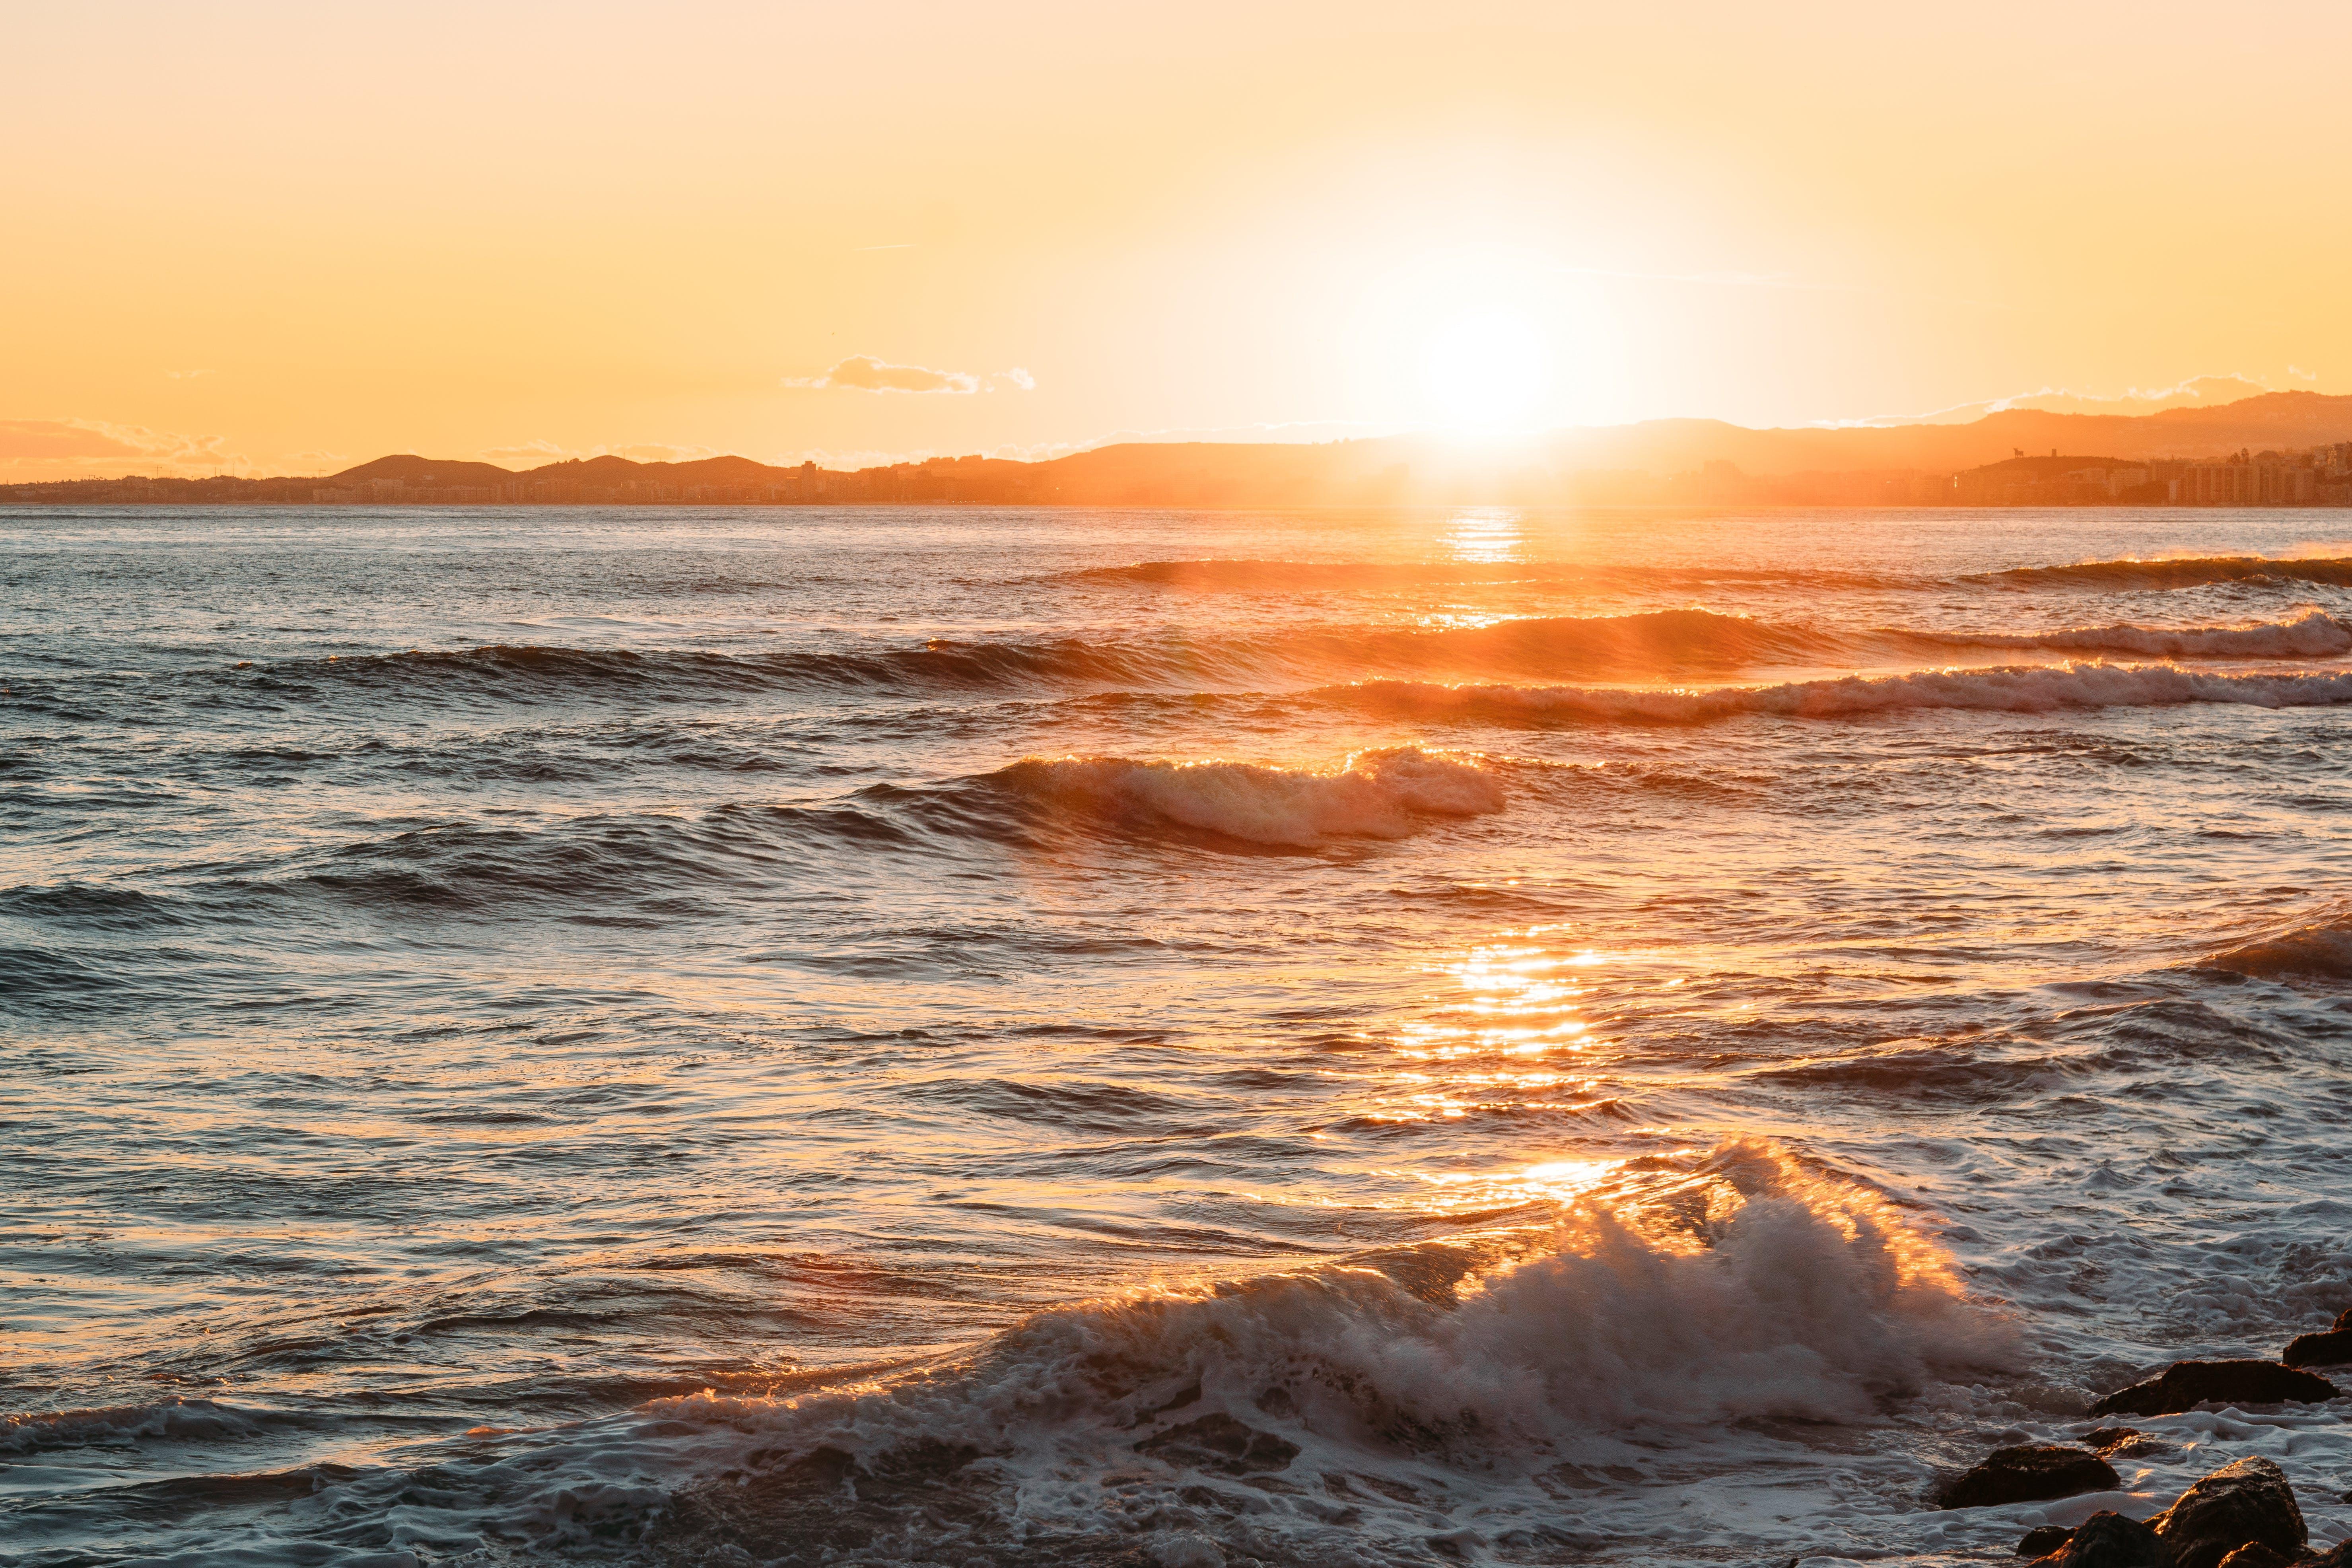 Kostenloses Stock Foto zu abend, dämmerung, draußen, goldener horizont